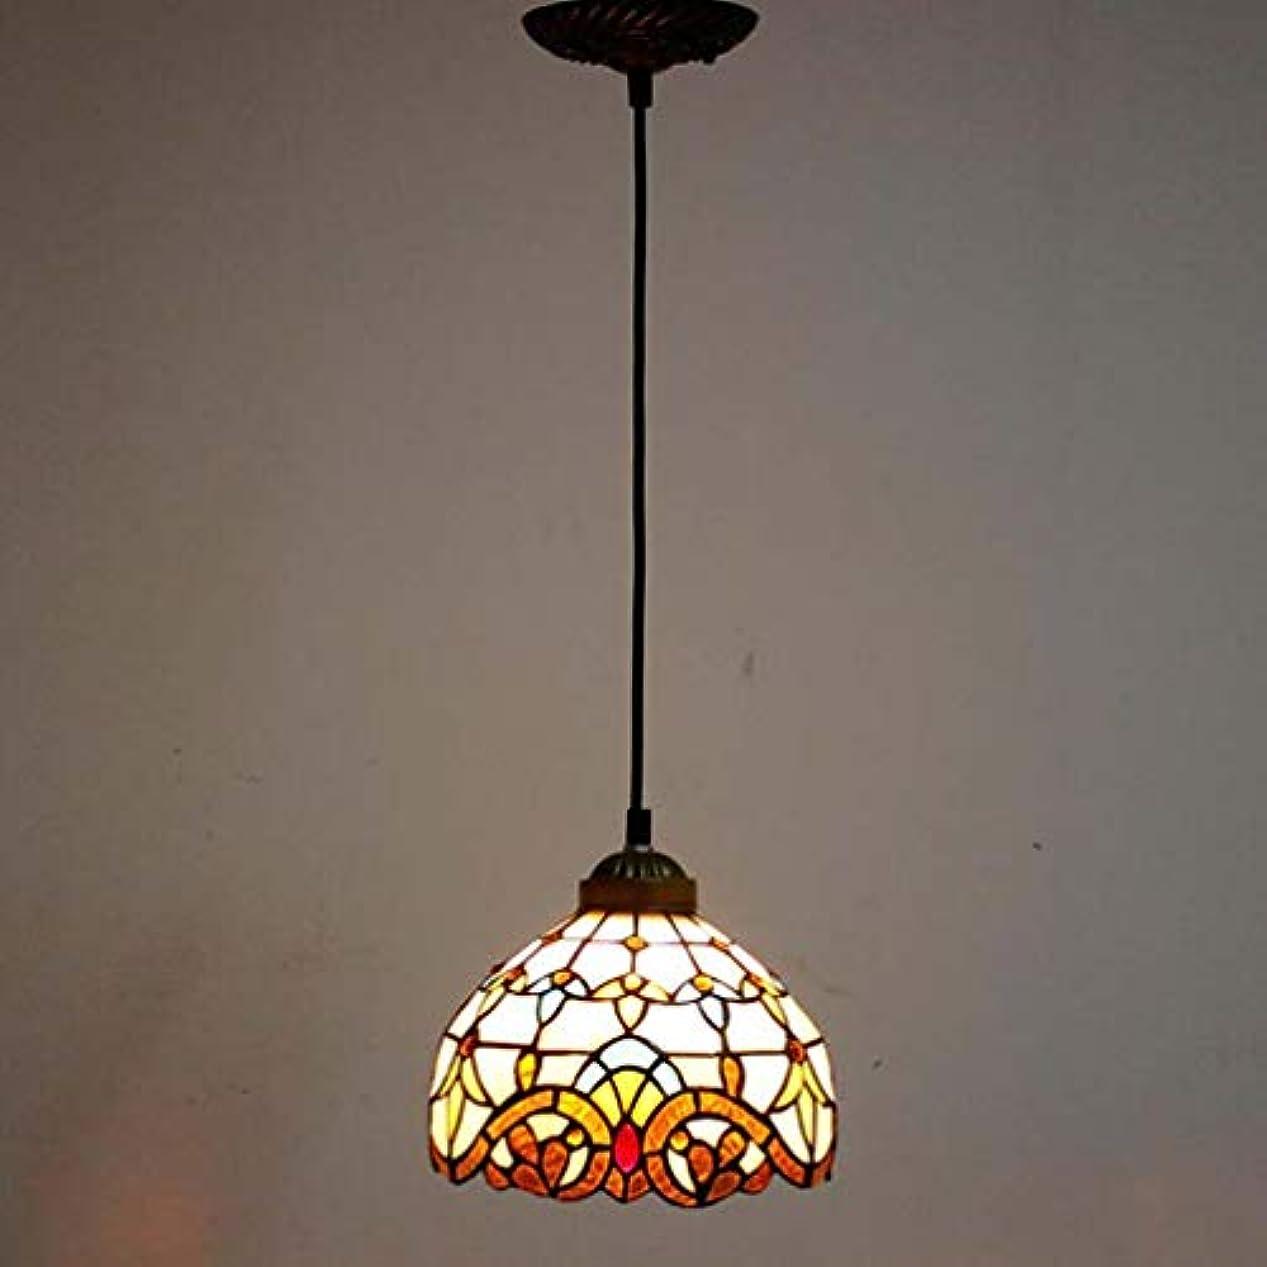 耳くまみすぼらしいティファニースタイル1ライトミニペンダント照明、ヴィンテージシーリングライト吊り下げランプステンドグラスシェード(5.5